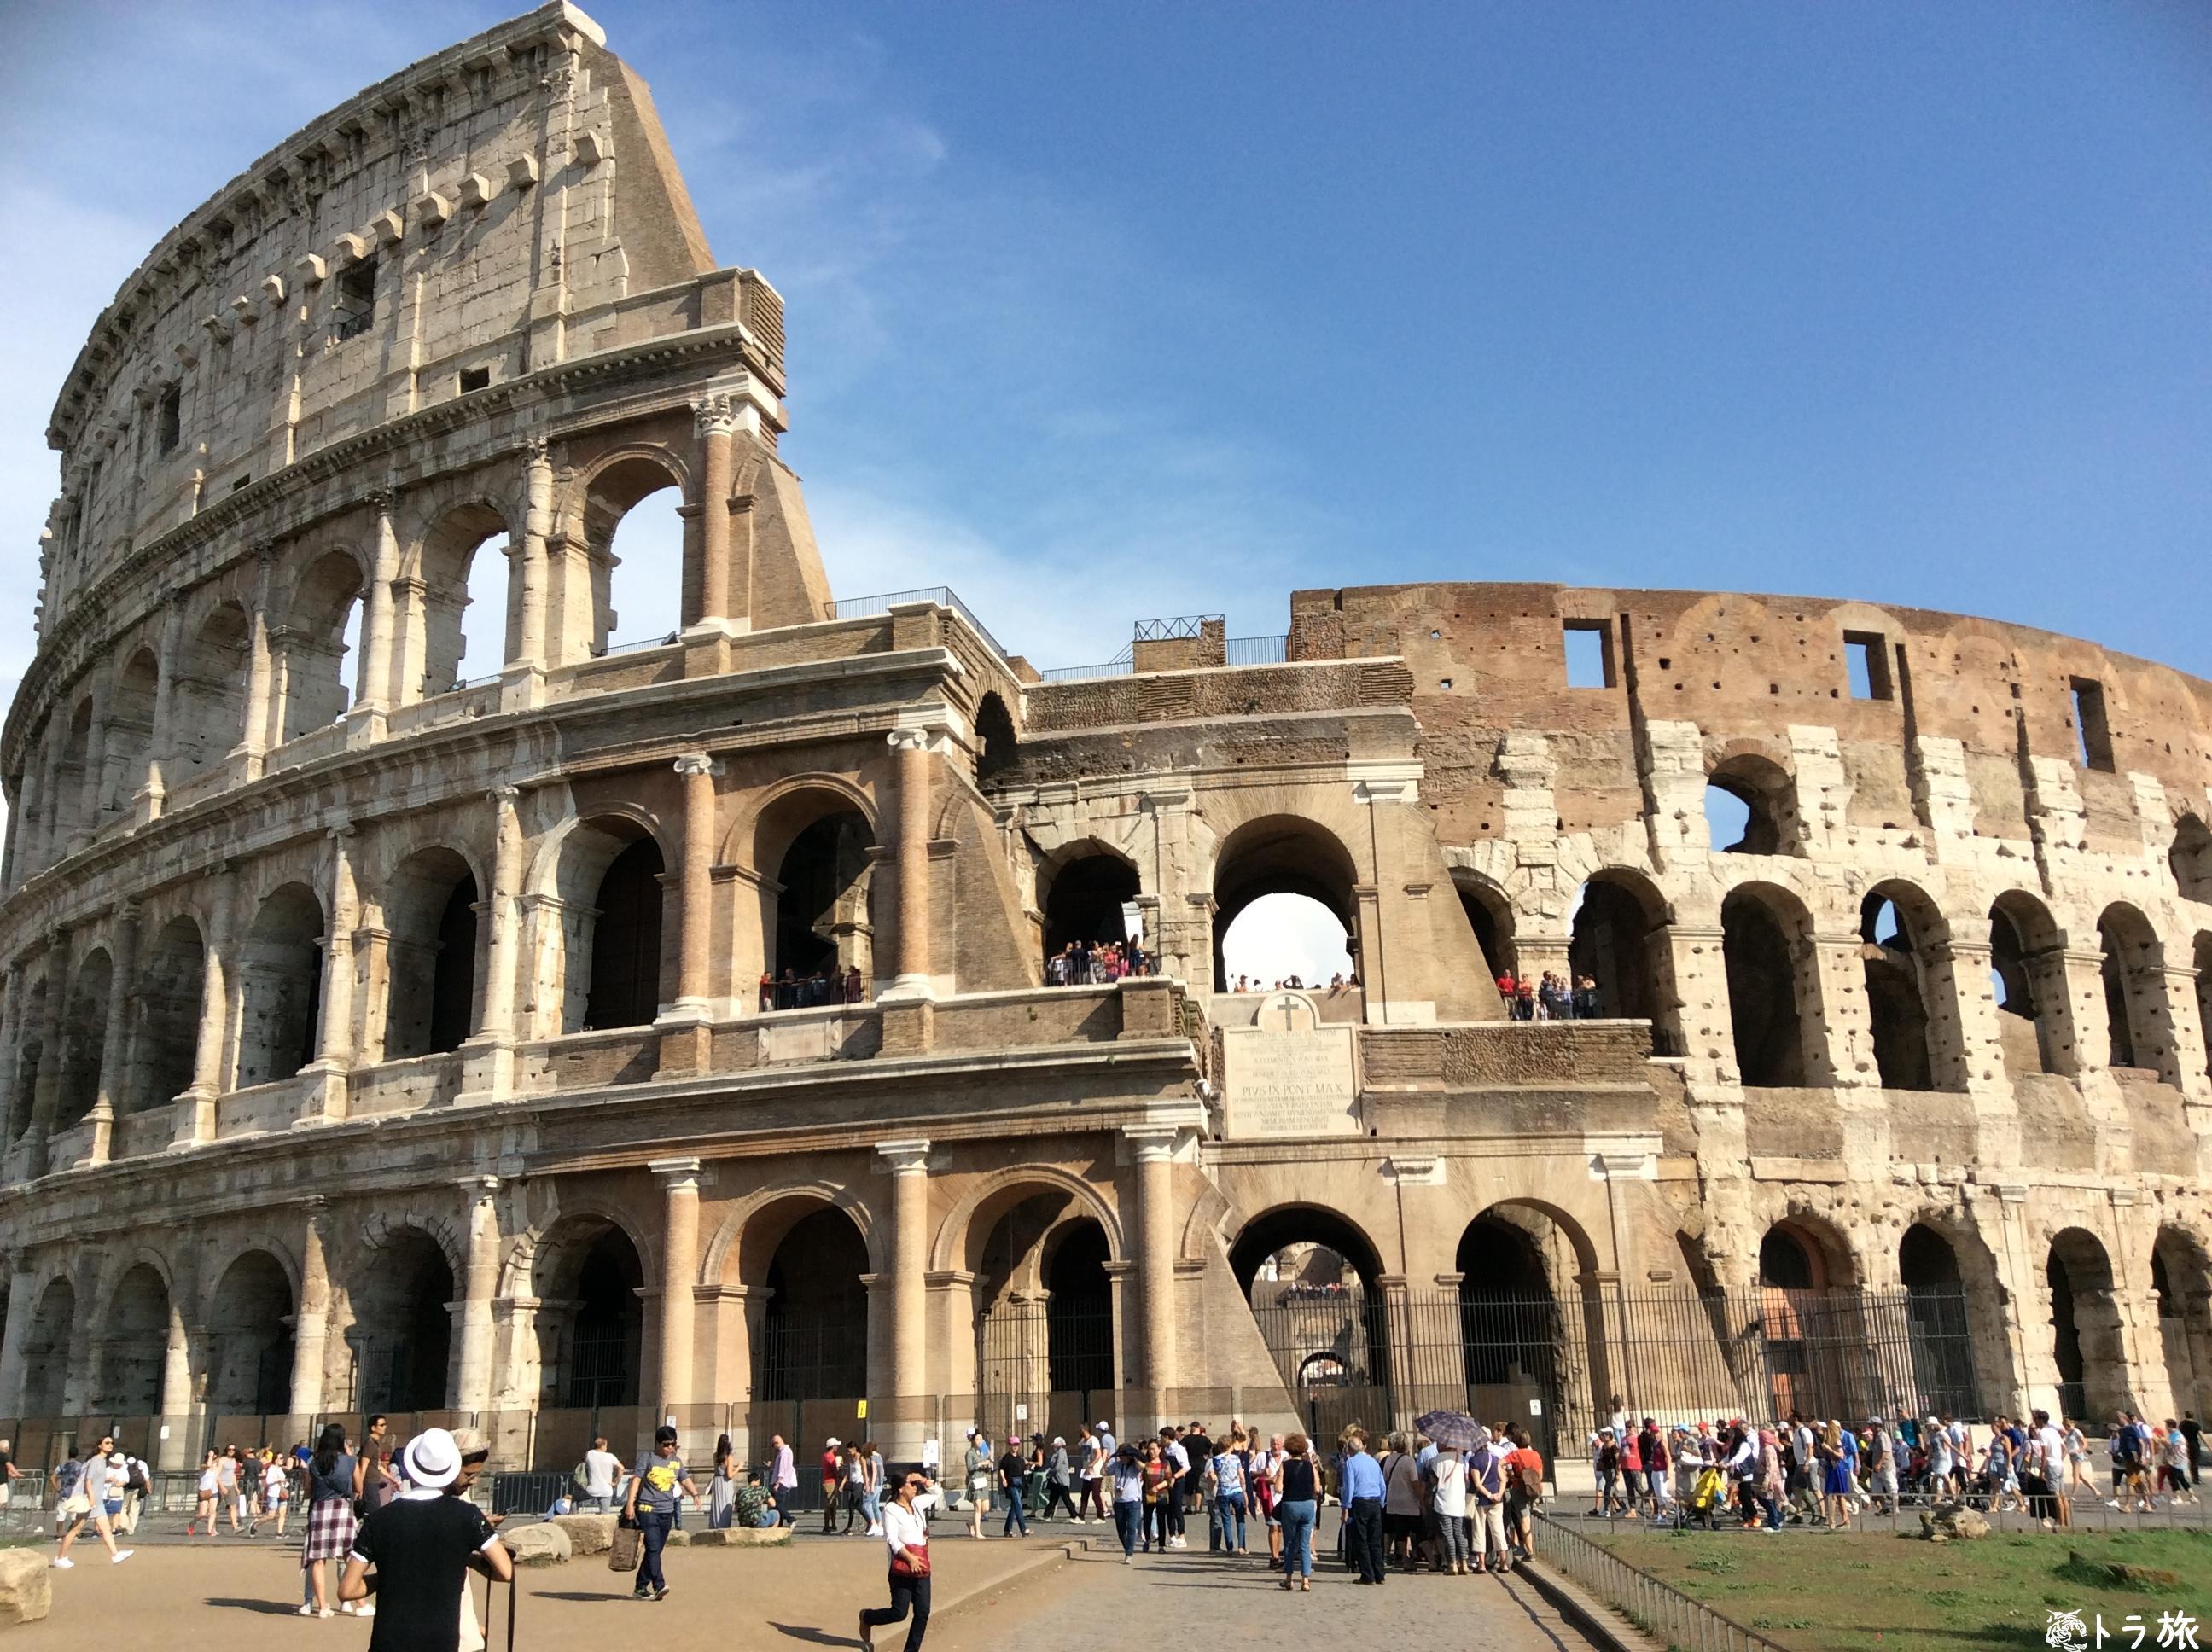 【ローマ】ローマは1日にしてなるか?1日で観光できるか試してみた【イタリア】